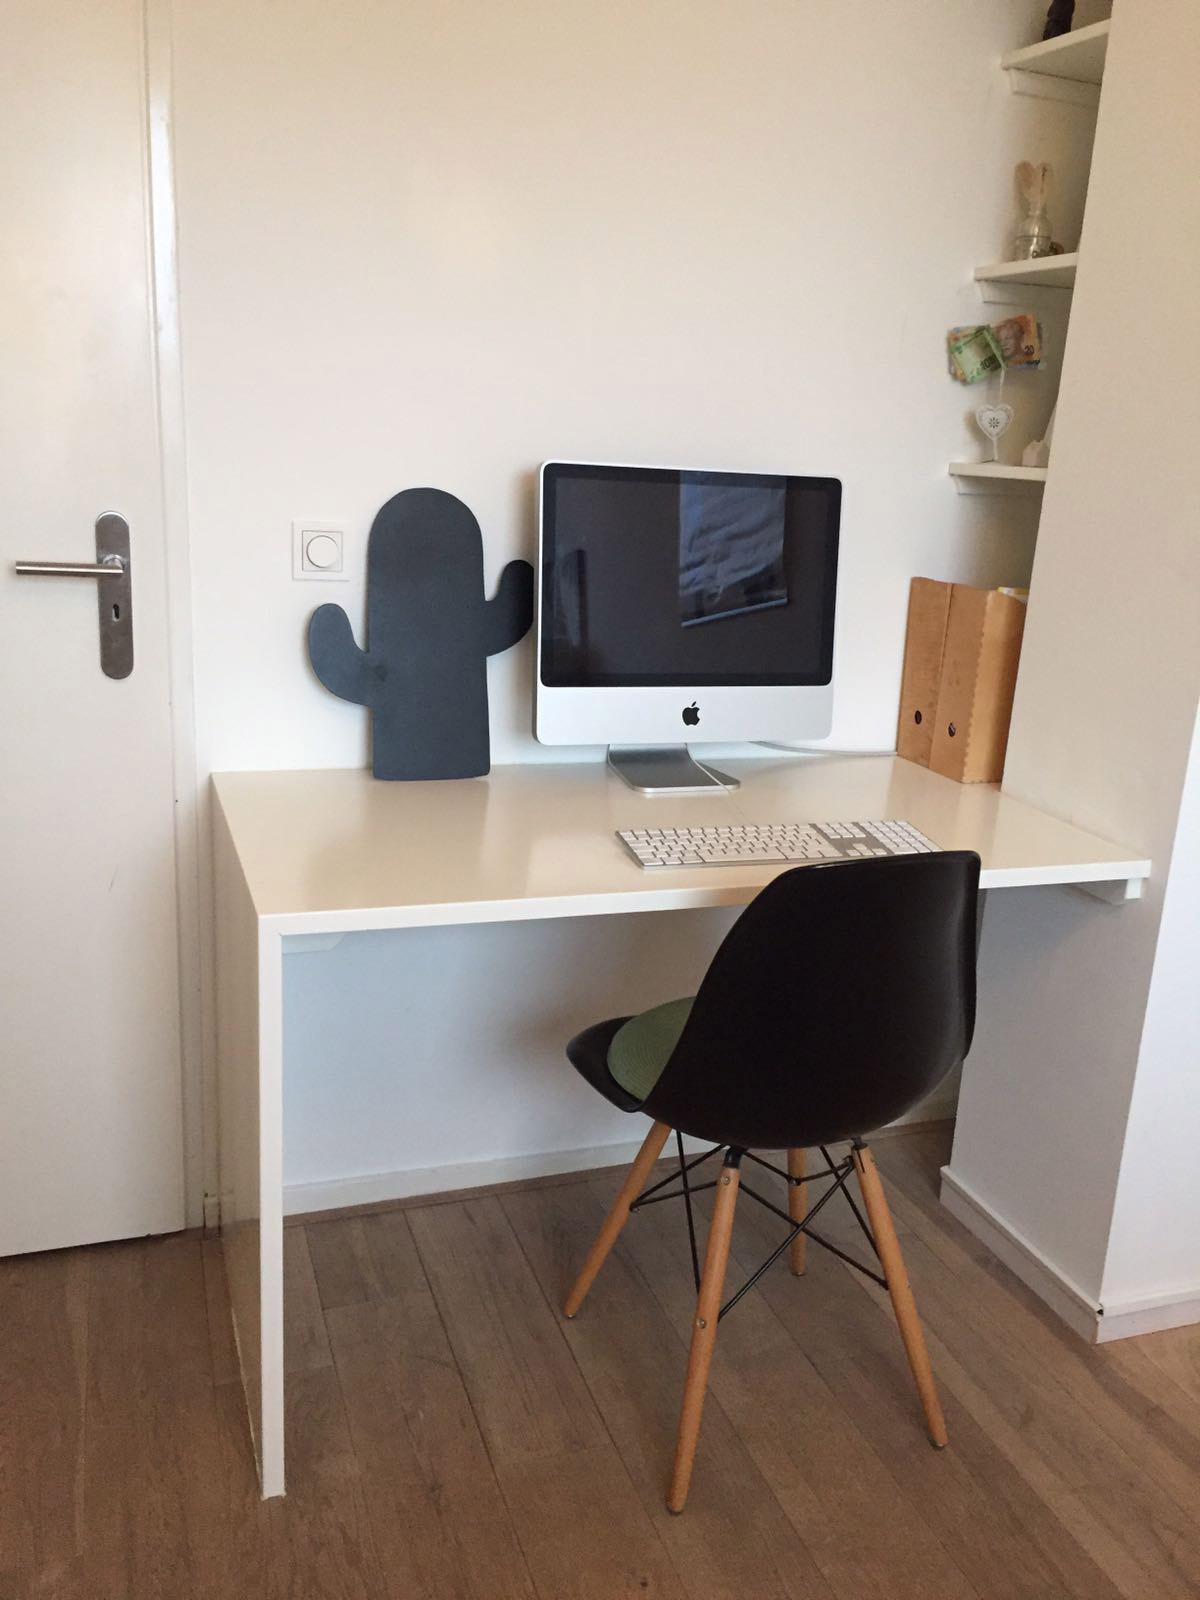 https://vandijktimmerwerken.nl/images/gallery/interieurbouw/timmerman-voor-interieur-bodegraven-van-dijk-01.jpg